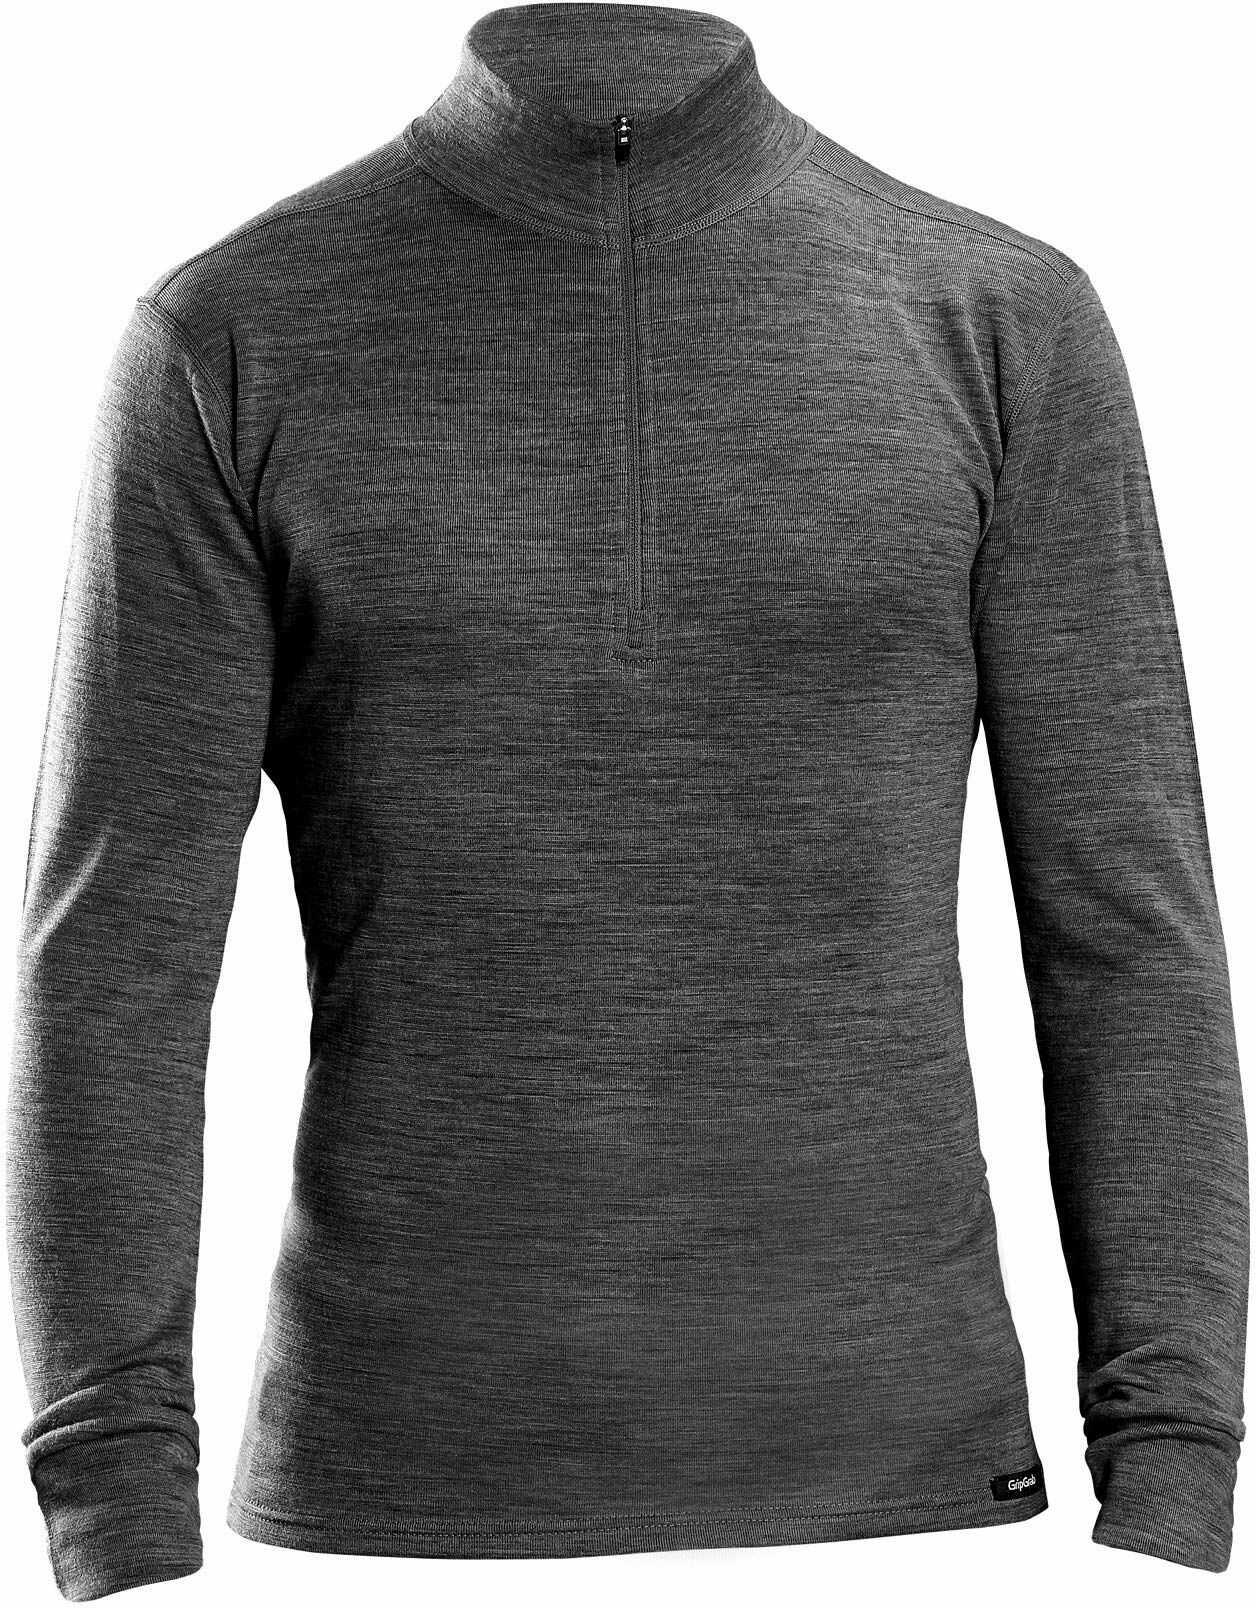 GripGrab Merino wełna bambusowa do połowy zamka, termoaktywna koszulka z długim rękawem na zimę, bielizna funkcyjna dla kobiet i mężczyzn, czarna, S